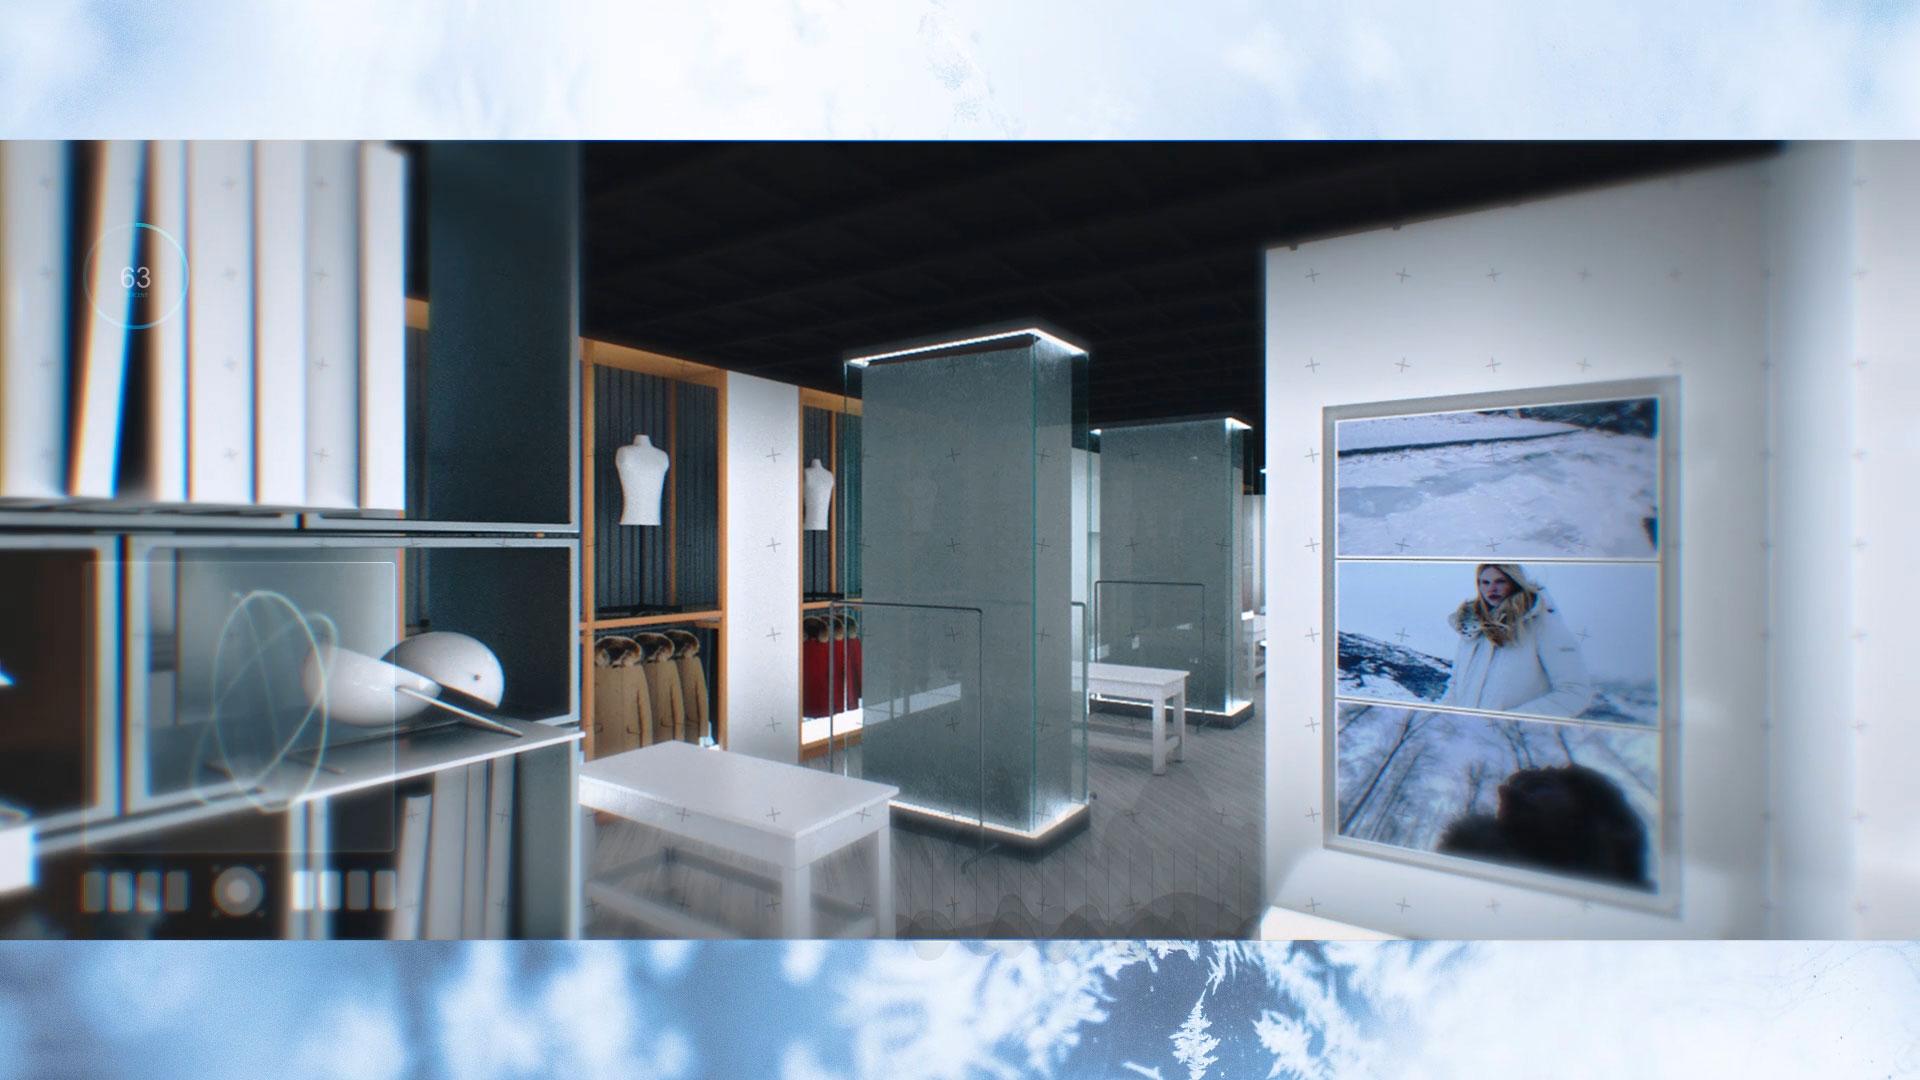 WOOLRICH_Infographics_3D_render_cinema4D_racoonstudio_51